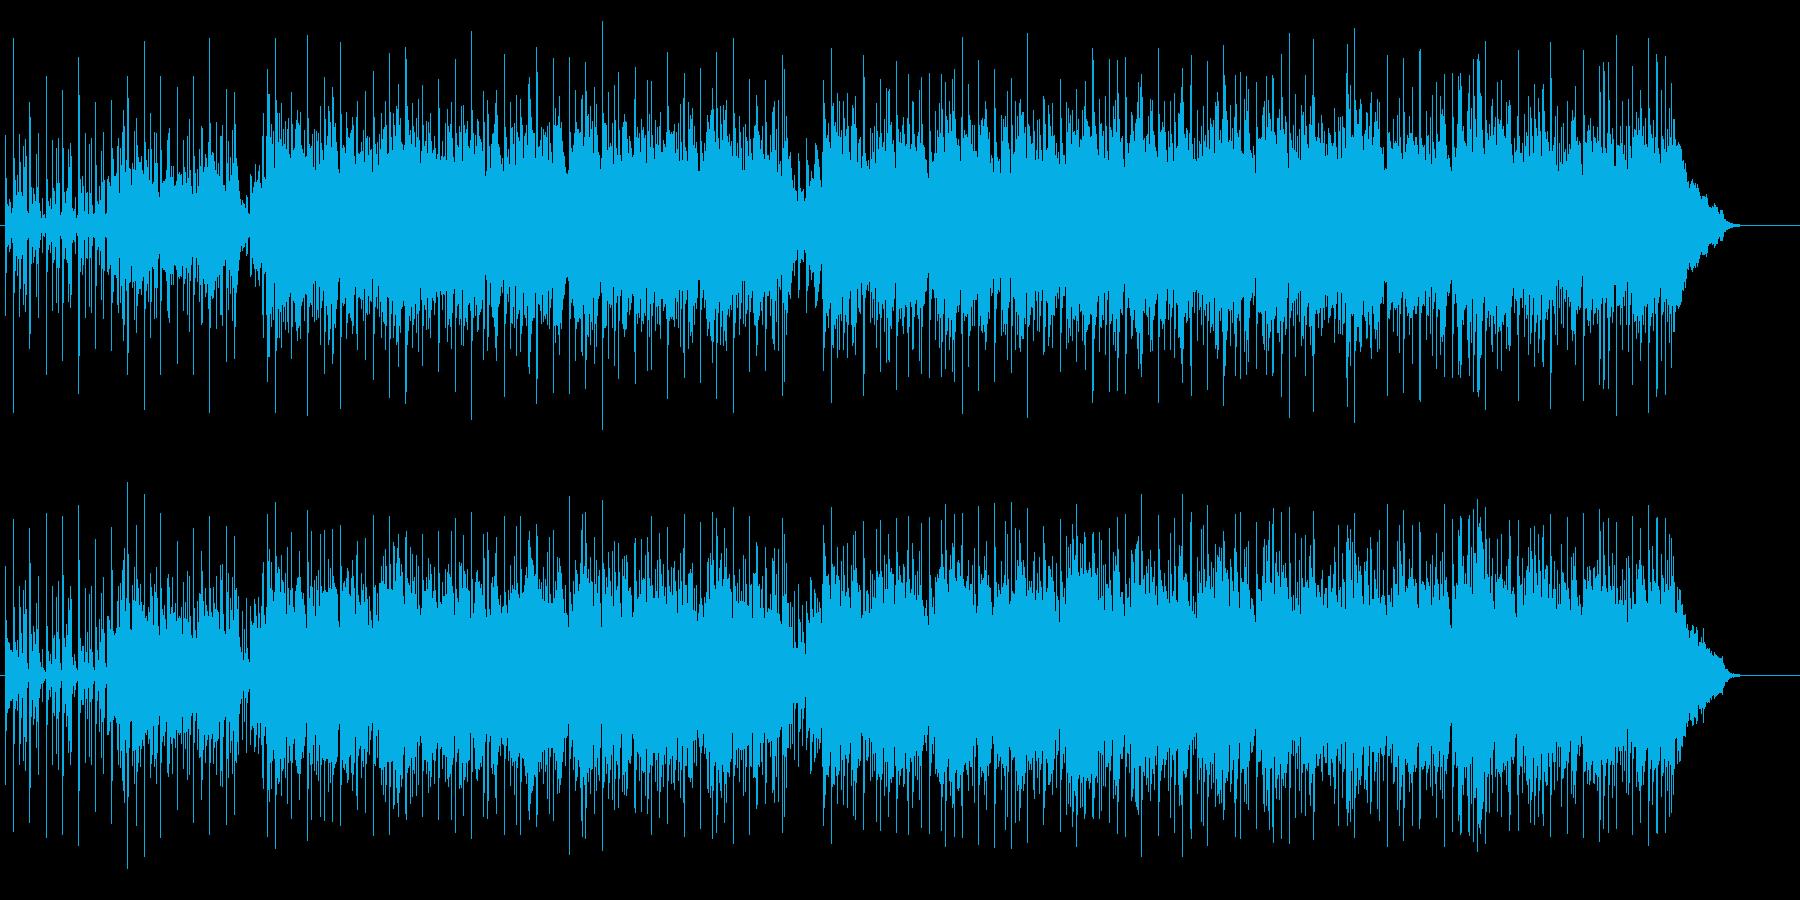 スマートなハイタッチライフB.G.M.の再生済みの波形